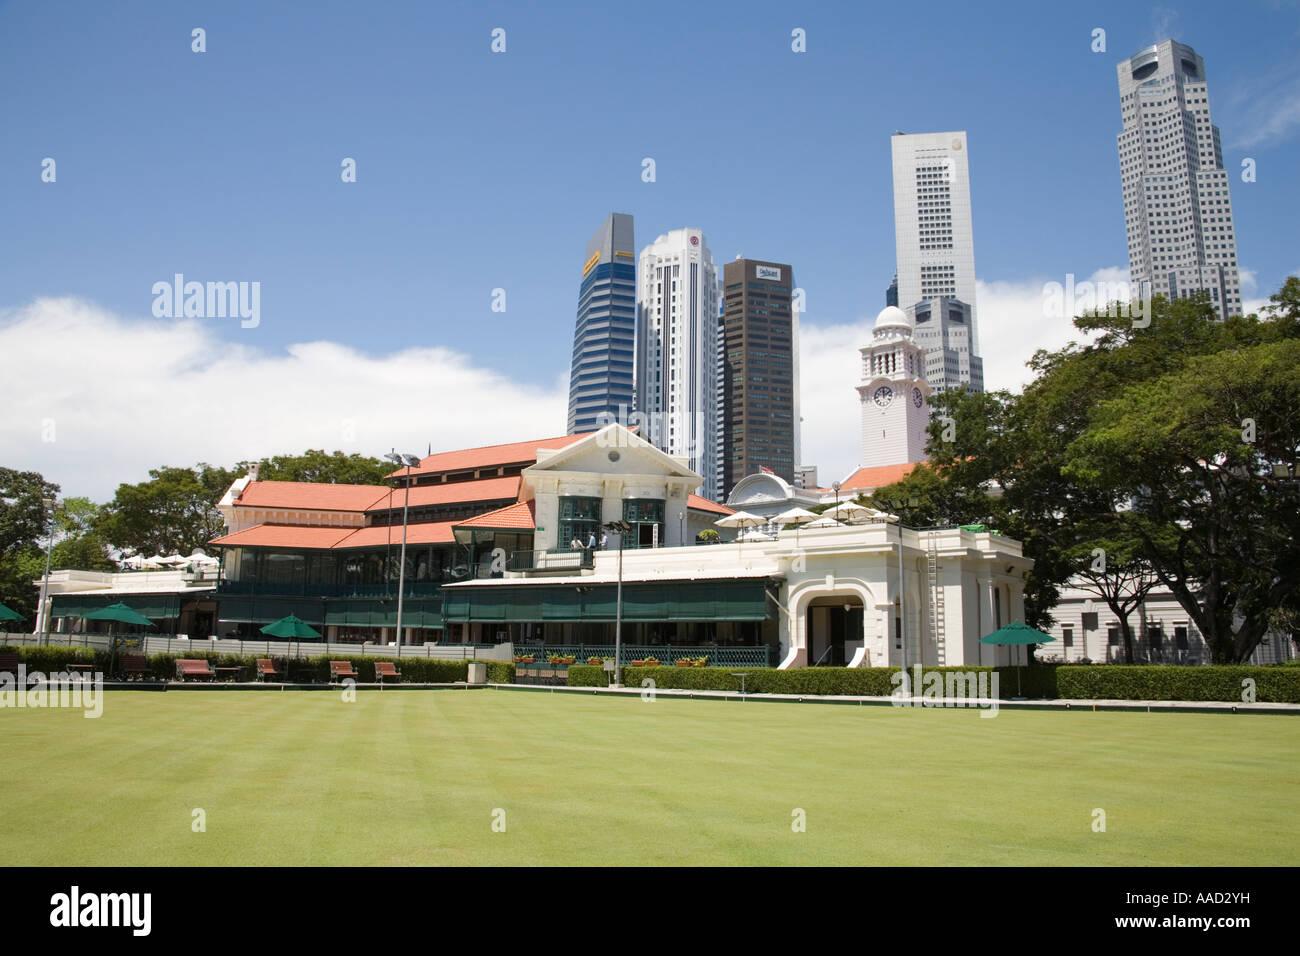 La ville de Singapour l'Asie peut à l'ensemble de la Bowling Green de la Célèbre Singapore Cricket Club pavilion Banque D'Images